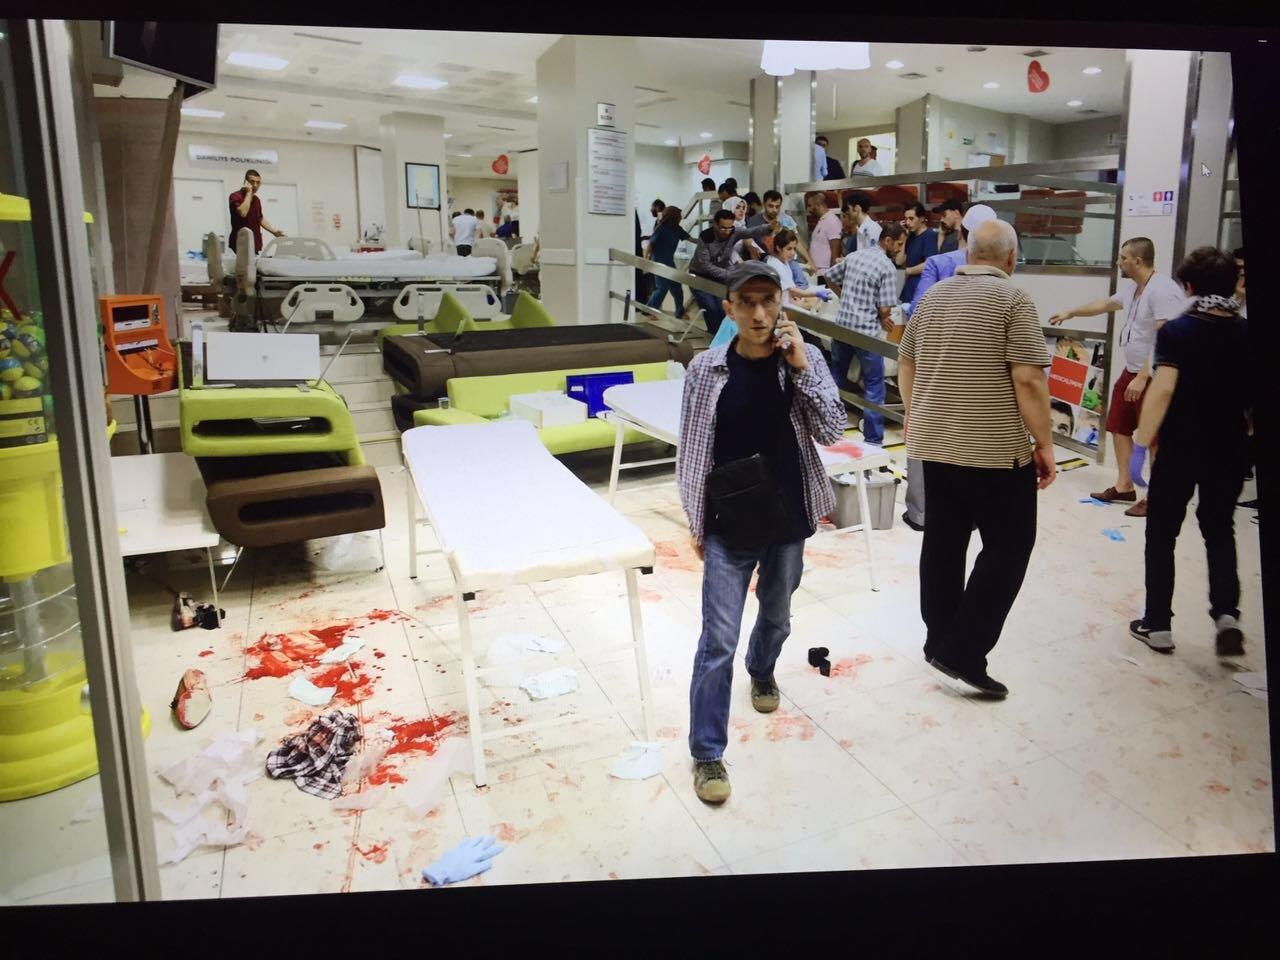 Снимок, сделанный в больнице, в которой находились пострадавшие и раненые, в результате огня, открытого путчистами перед зданием АГС.